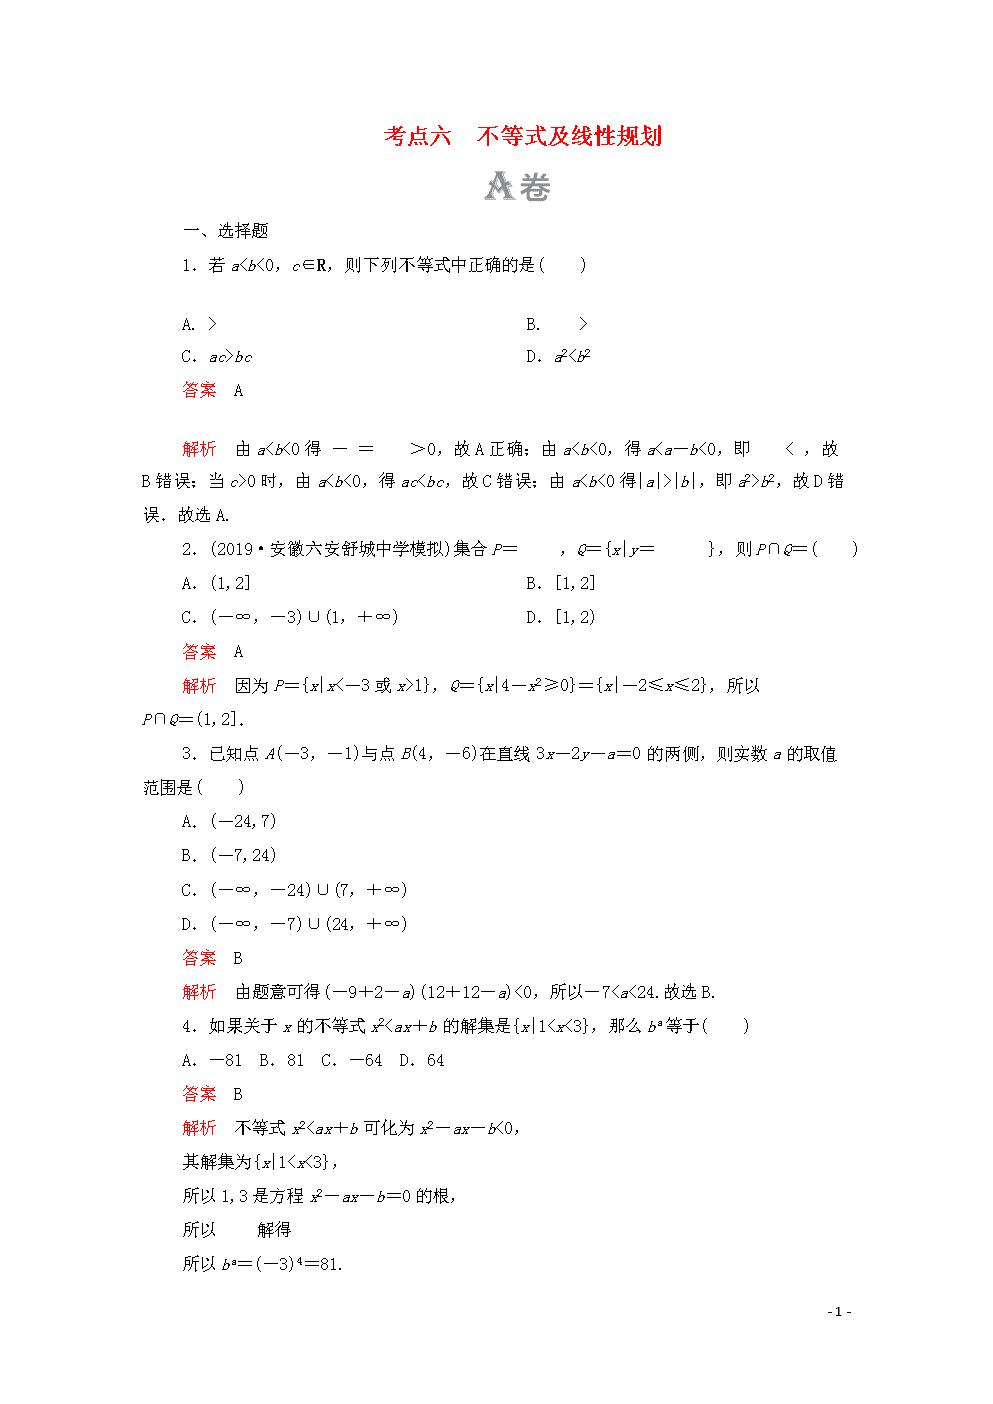 2020届高考数学大二轮复习 刷题首选卷 第一部分 刷考点 考点六 不等式及线性规划 文.doc